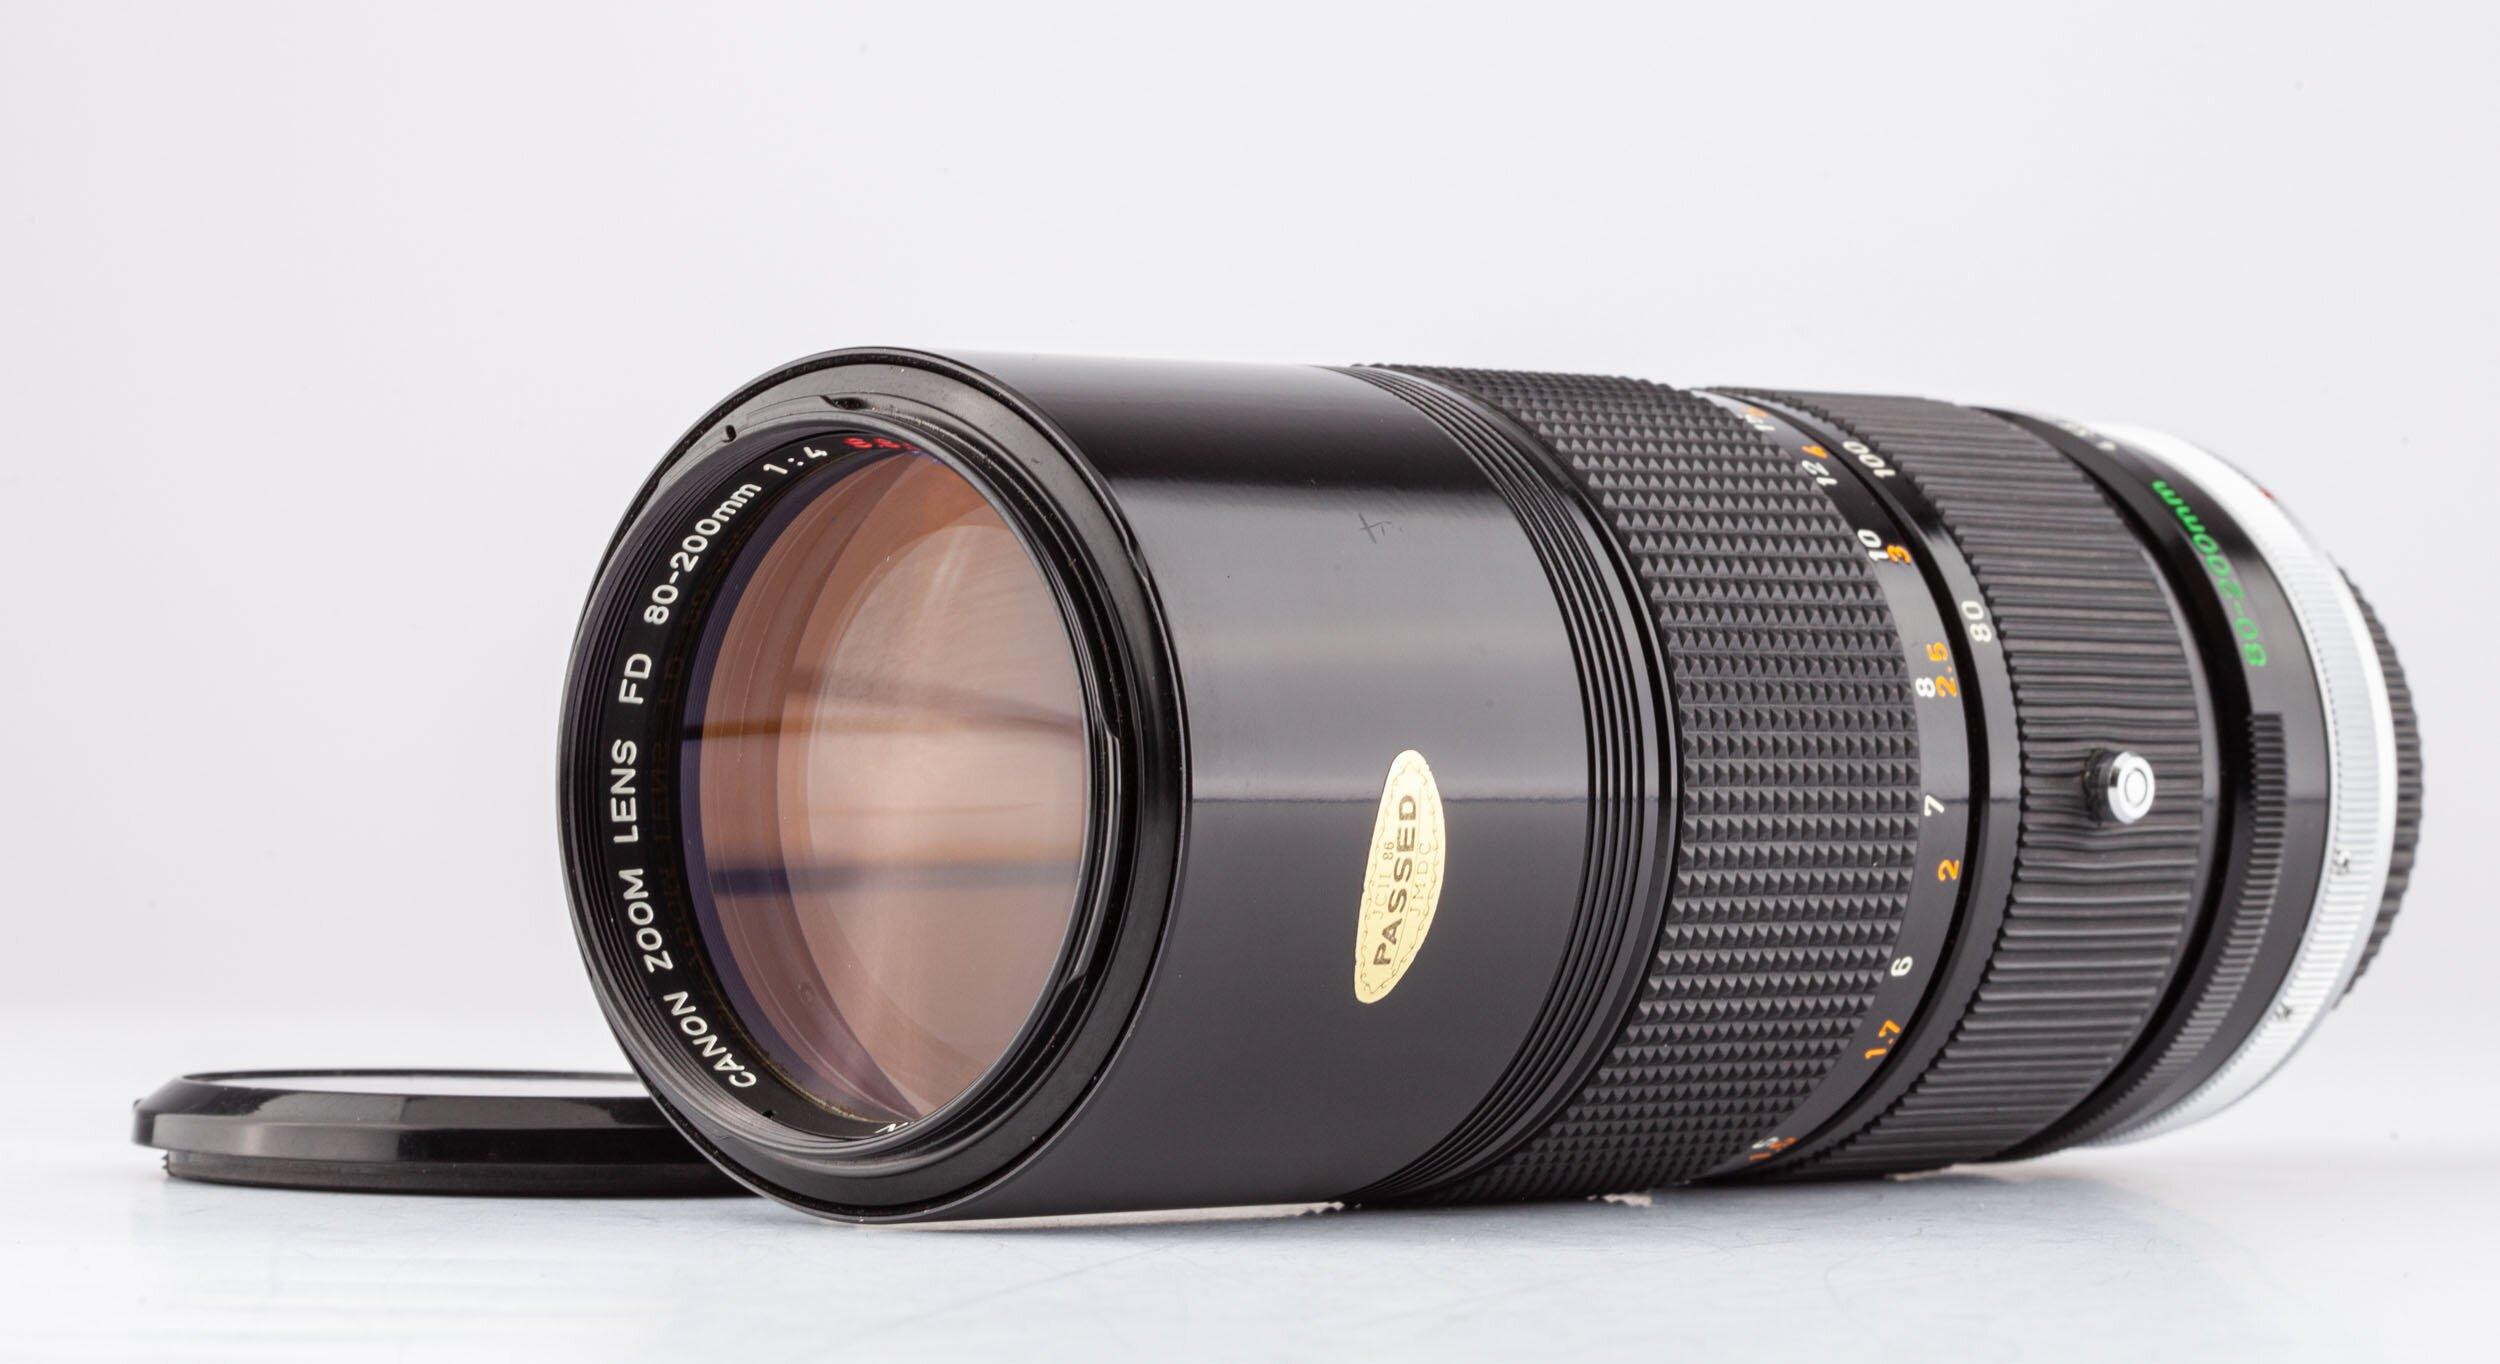 Canon FD 80-200mm F4.0